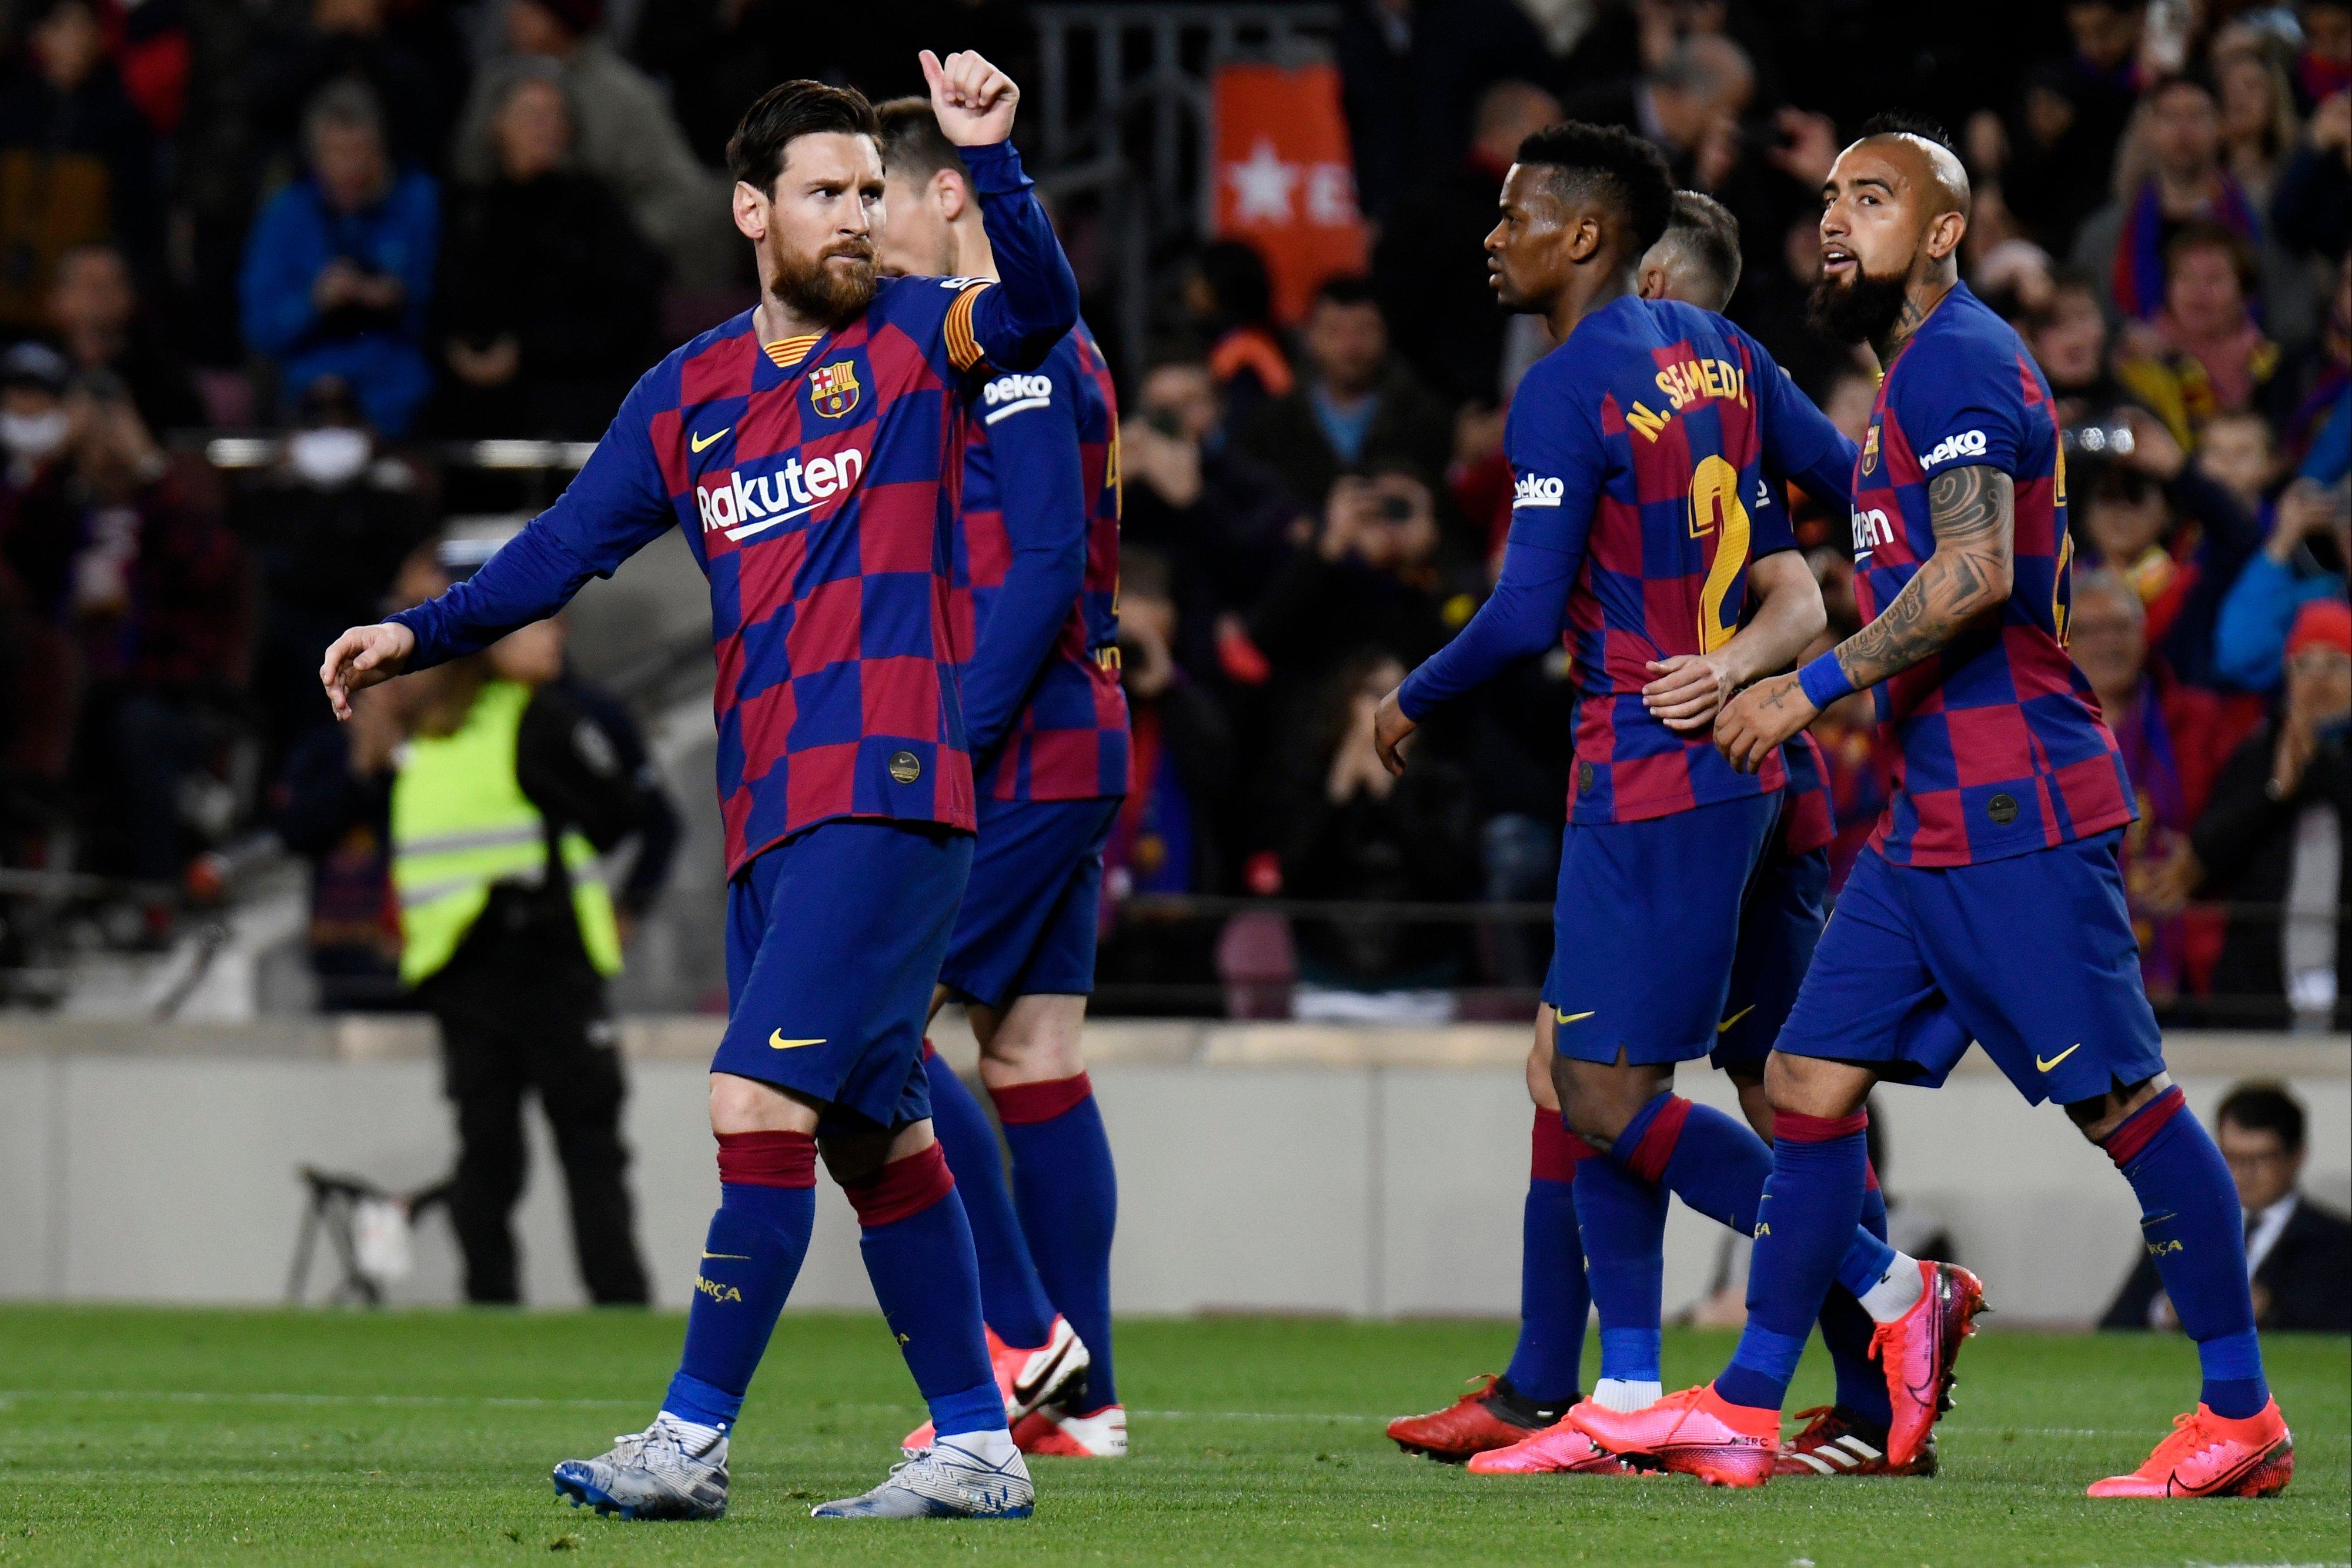 It's all a bit Messi!